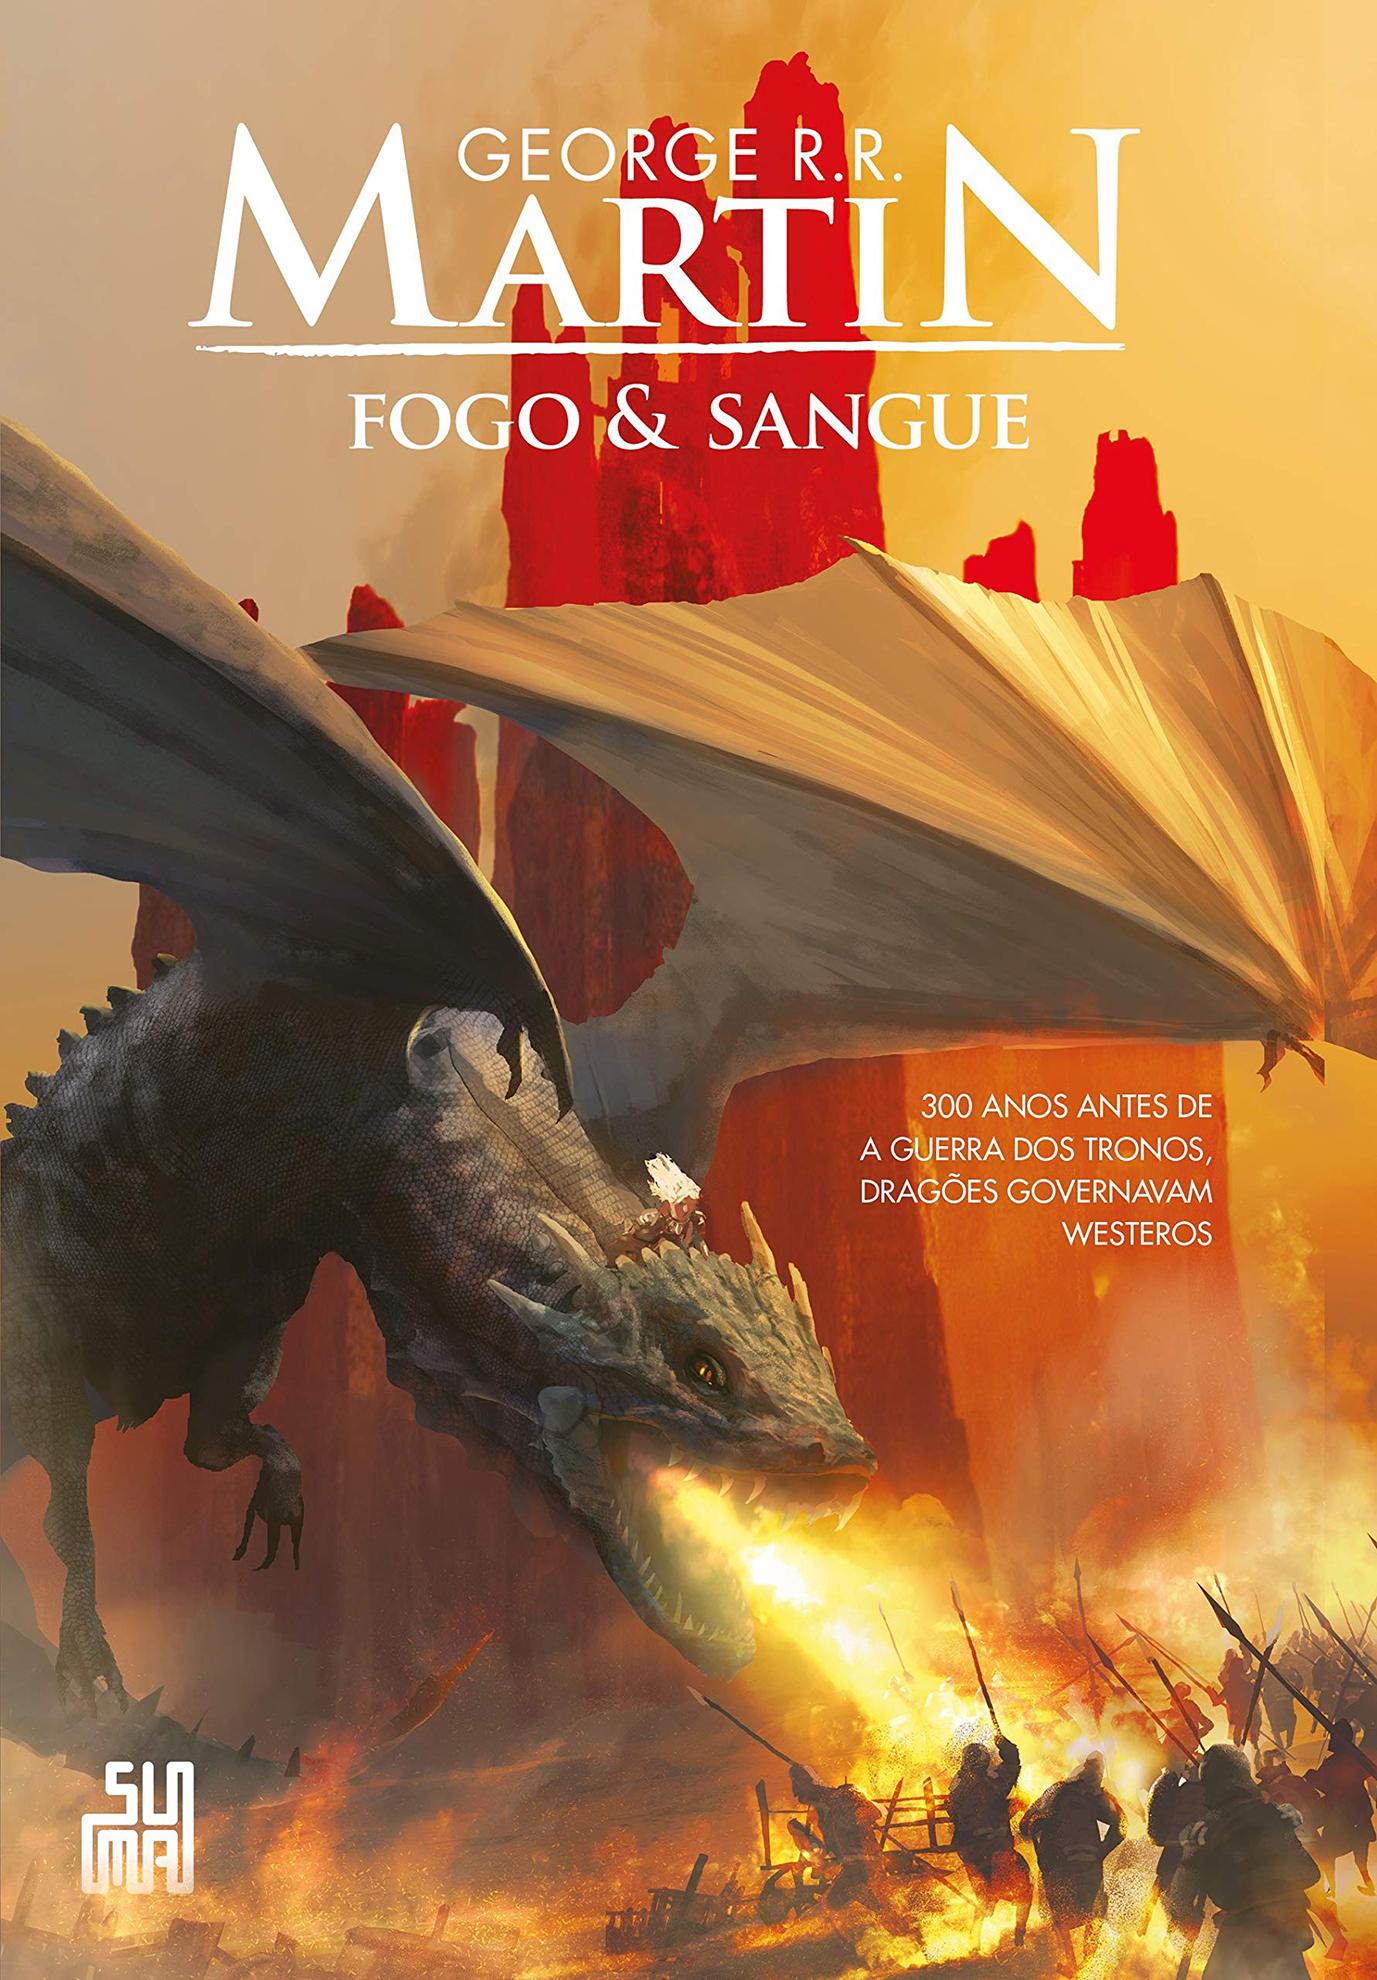 Saraiva Oferece 40 Off Em Livros Da Saga Game Of Thrones